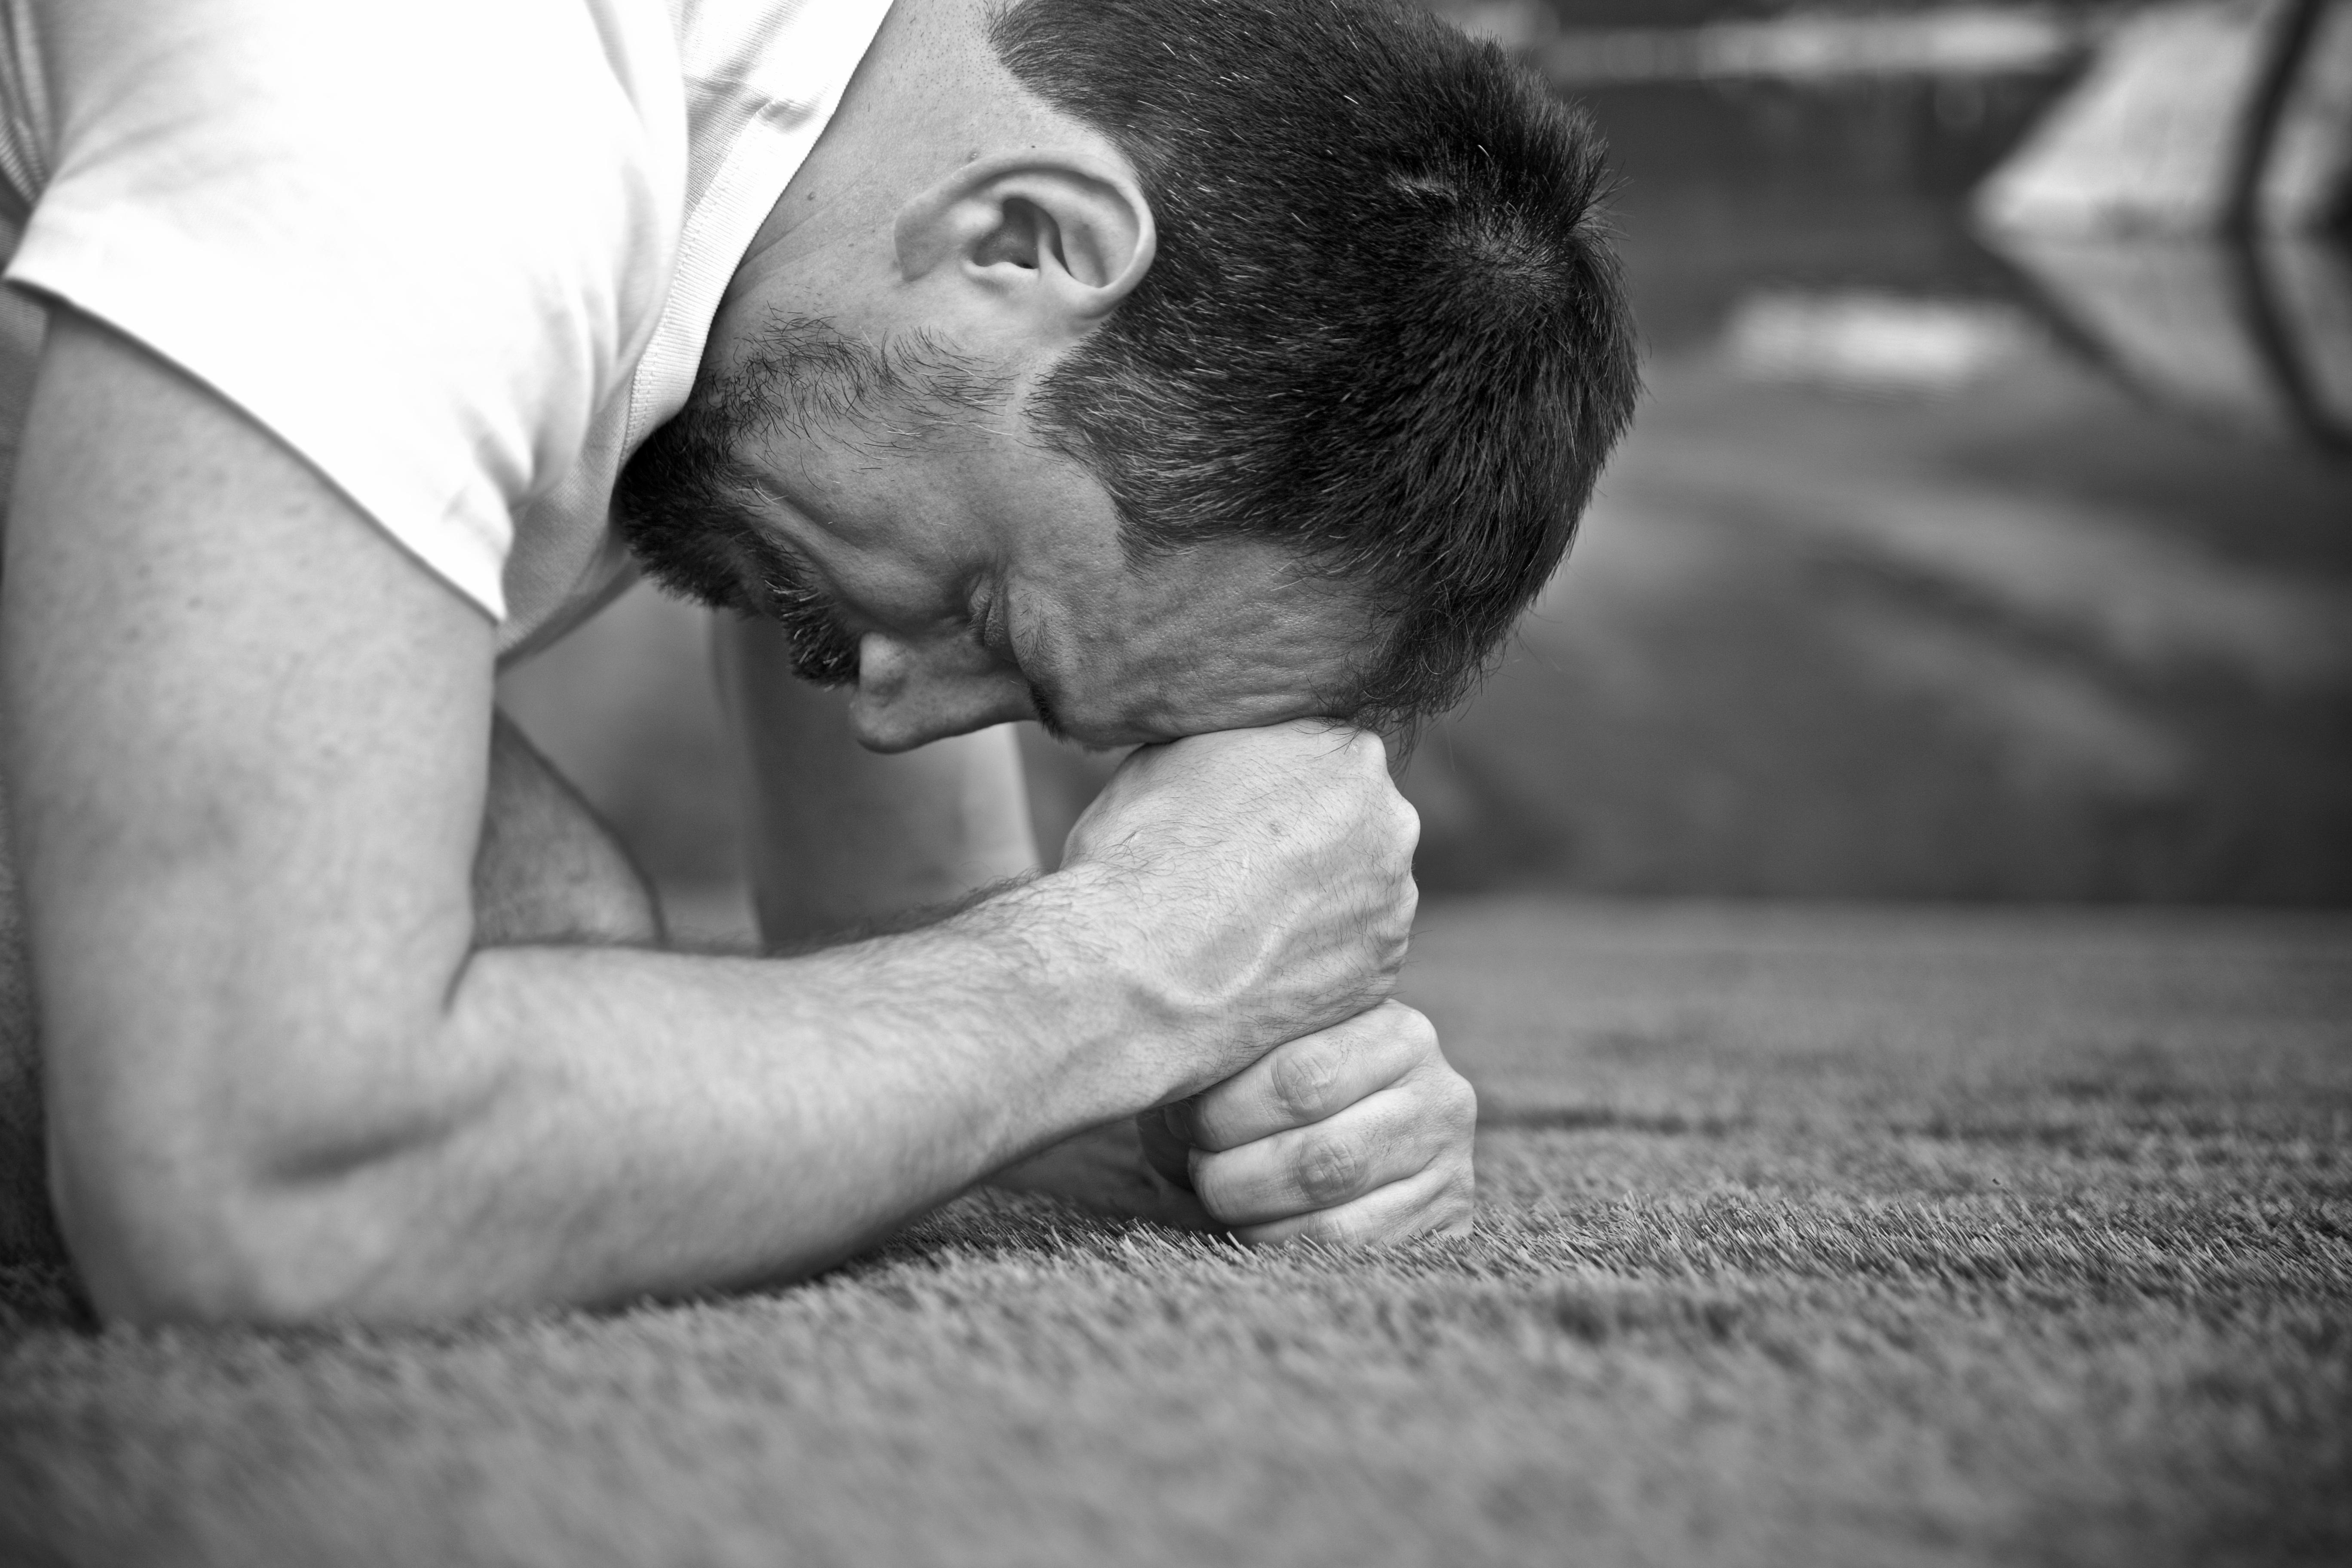 Nacken lösen, tief durchatmen